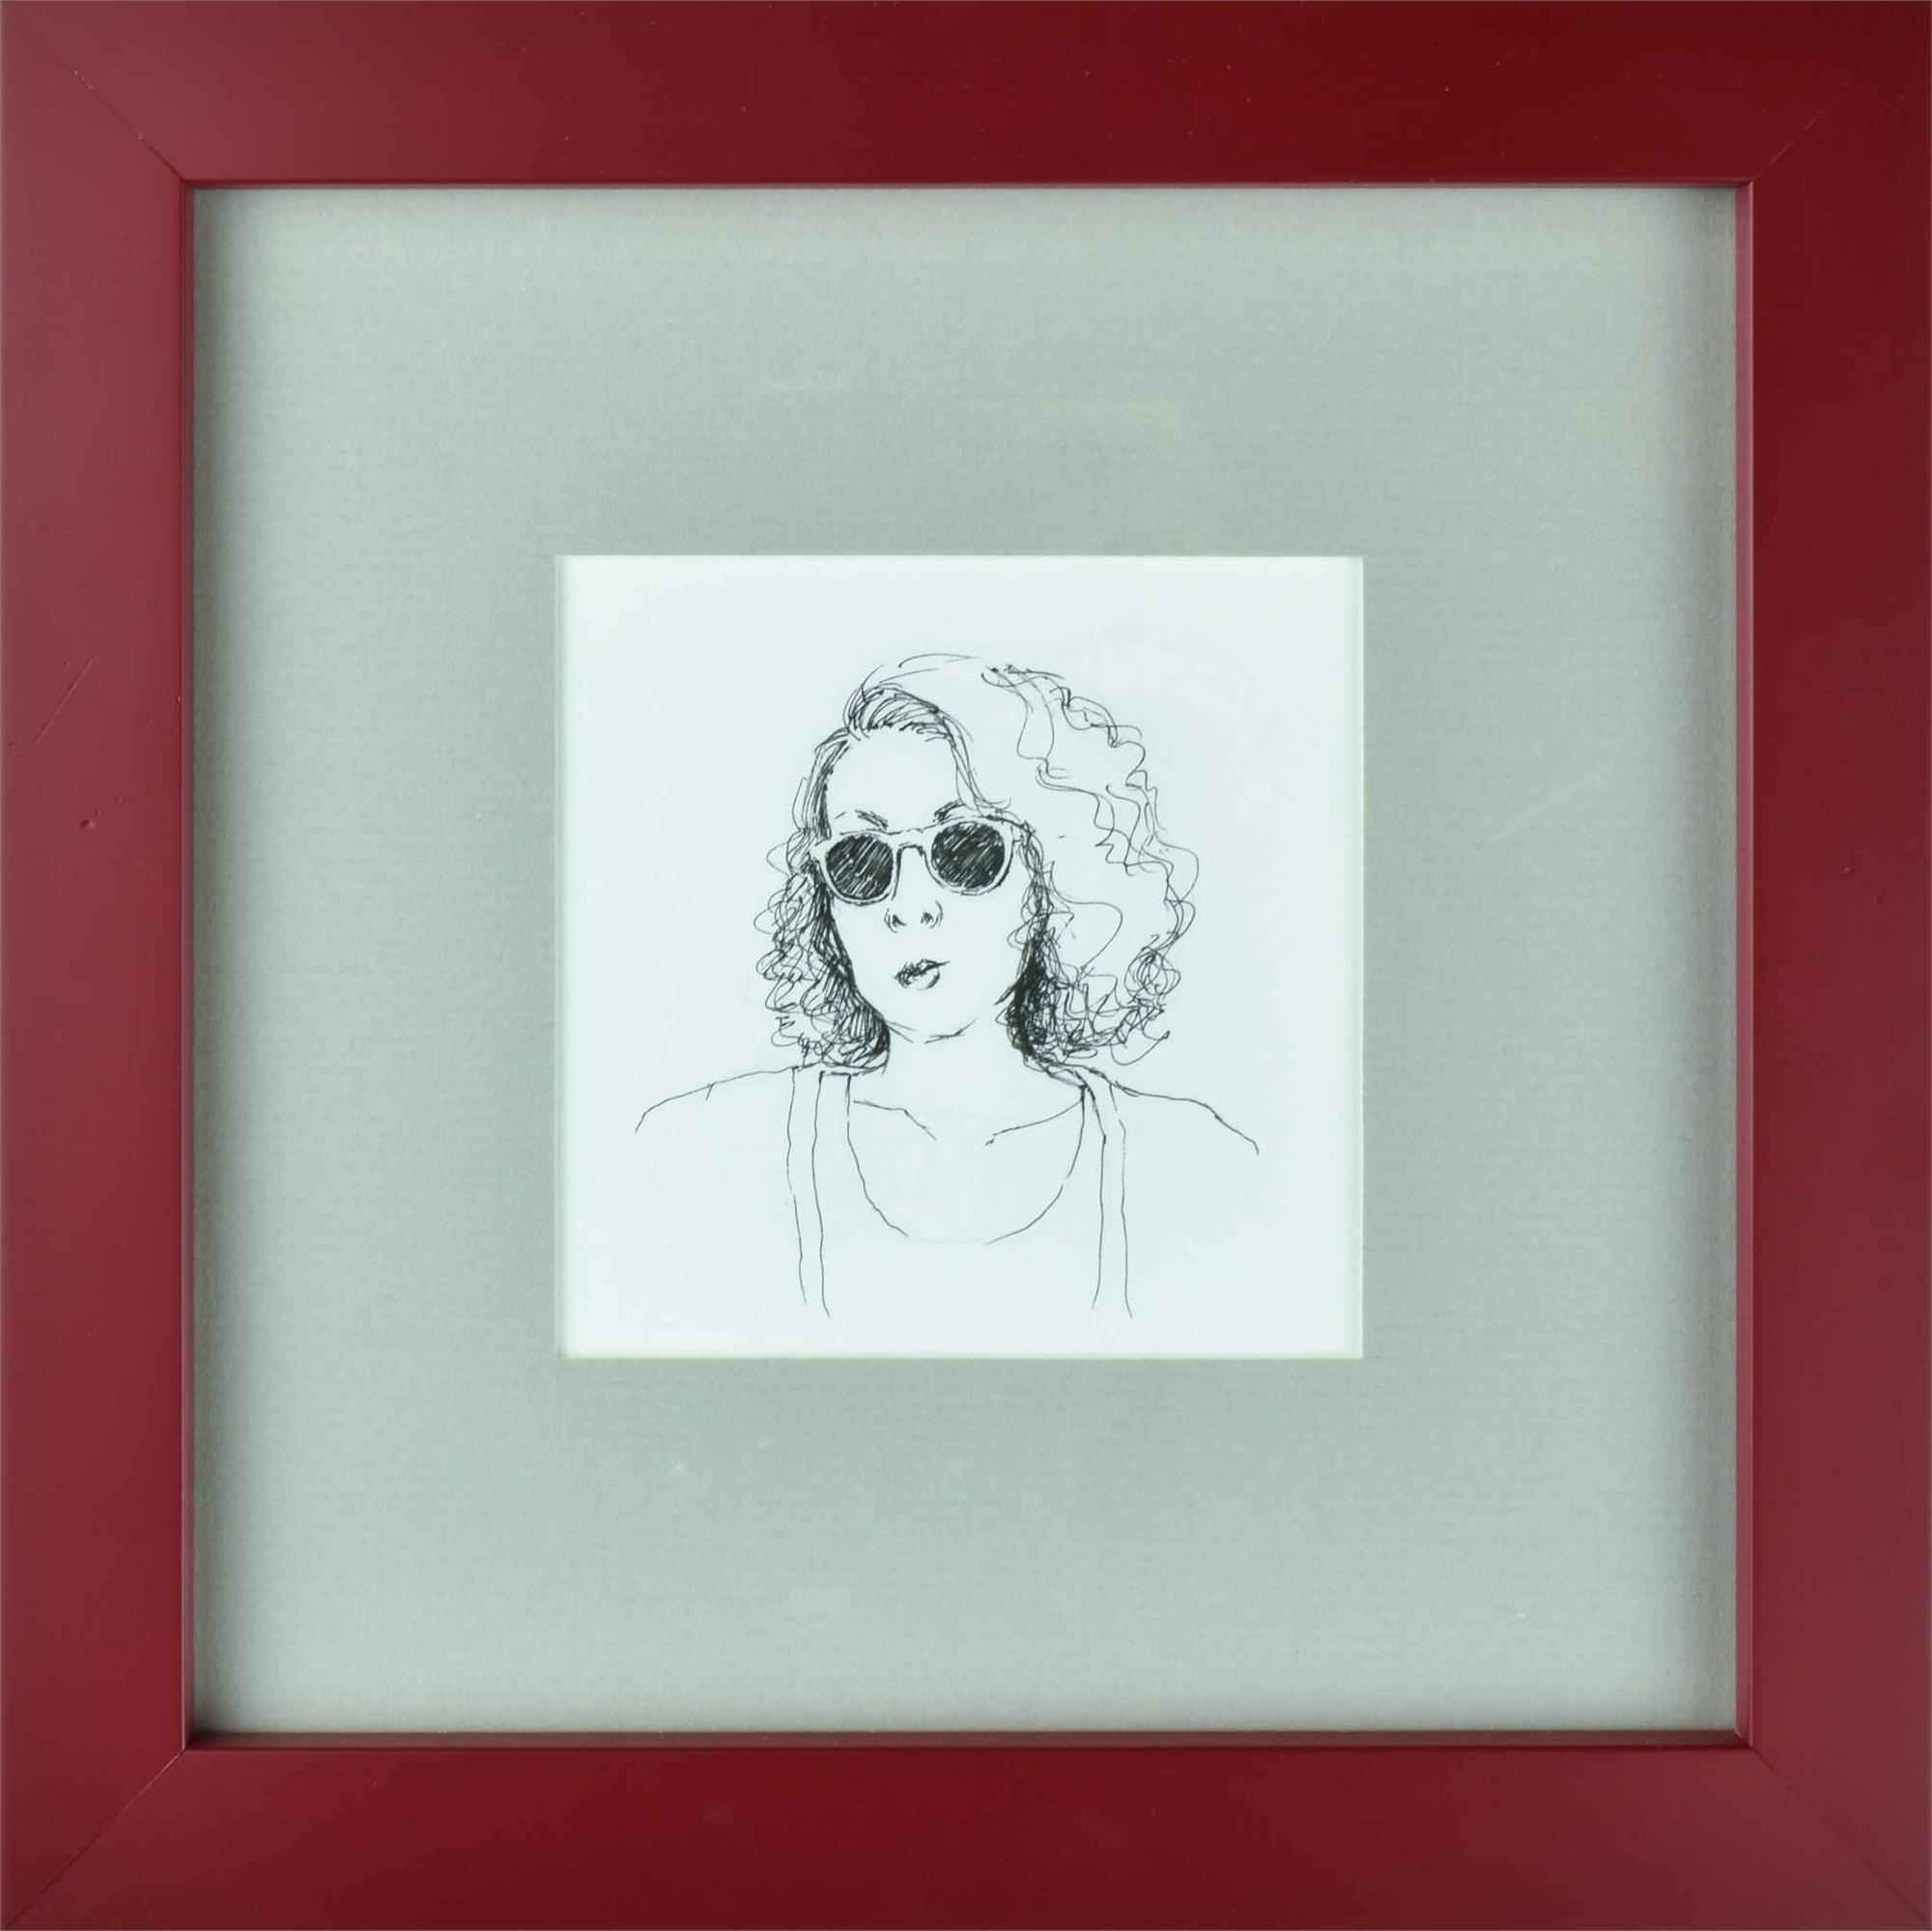 Sunglasses 1 by Jill Hakala